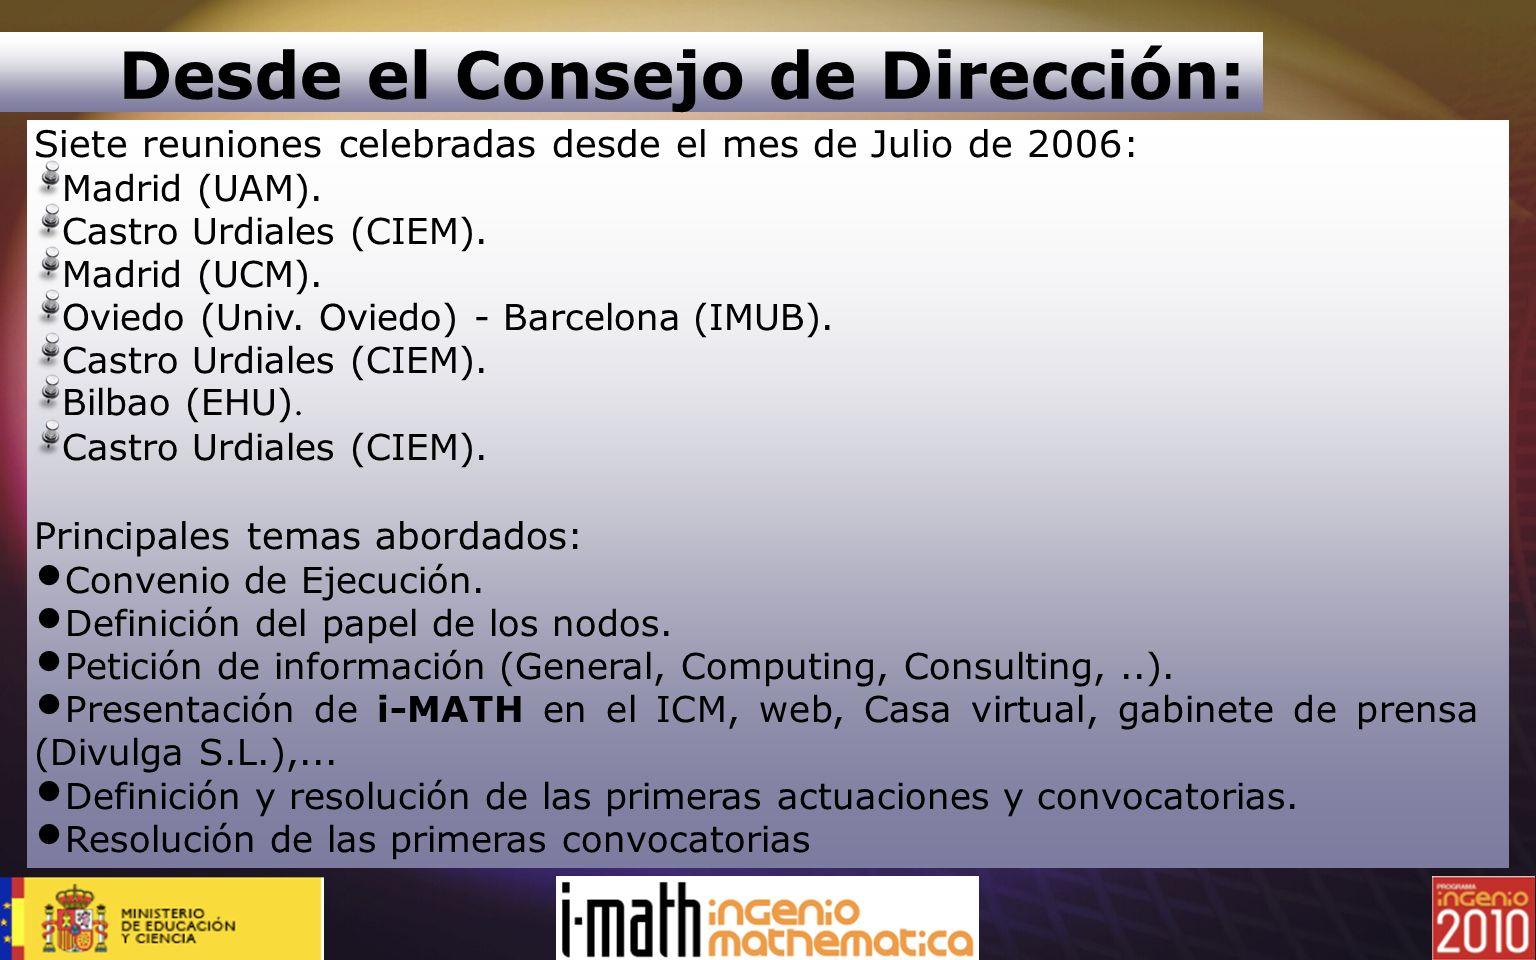 Desde el Consejo de Dirección: Siete reuniones celebradas desde el mes de Julio de 2006: Madrid (UAM). Castro Urdiales (CIEM). Madrid (UCM). Oviedo (U